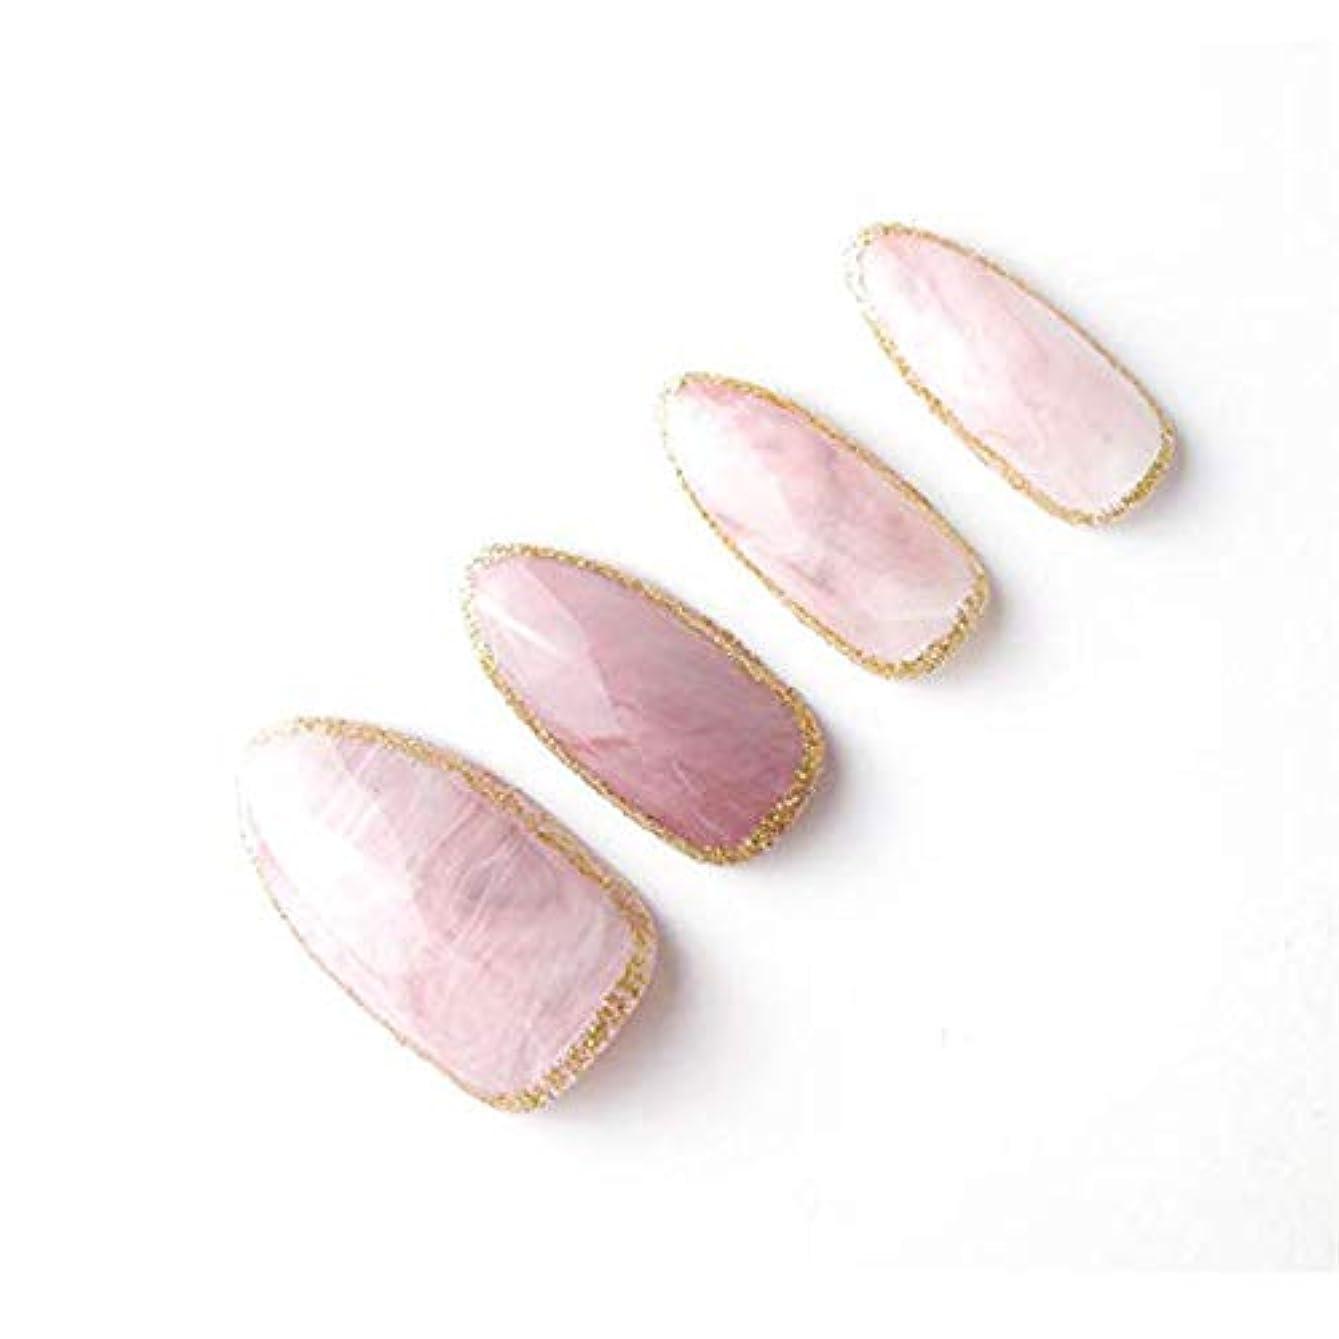 雇用雇用アトミックYuNail ネイルチップ 24枚 ピンク 石の質感 楕円形状 短い アクリル